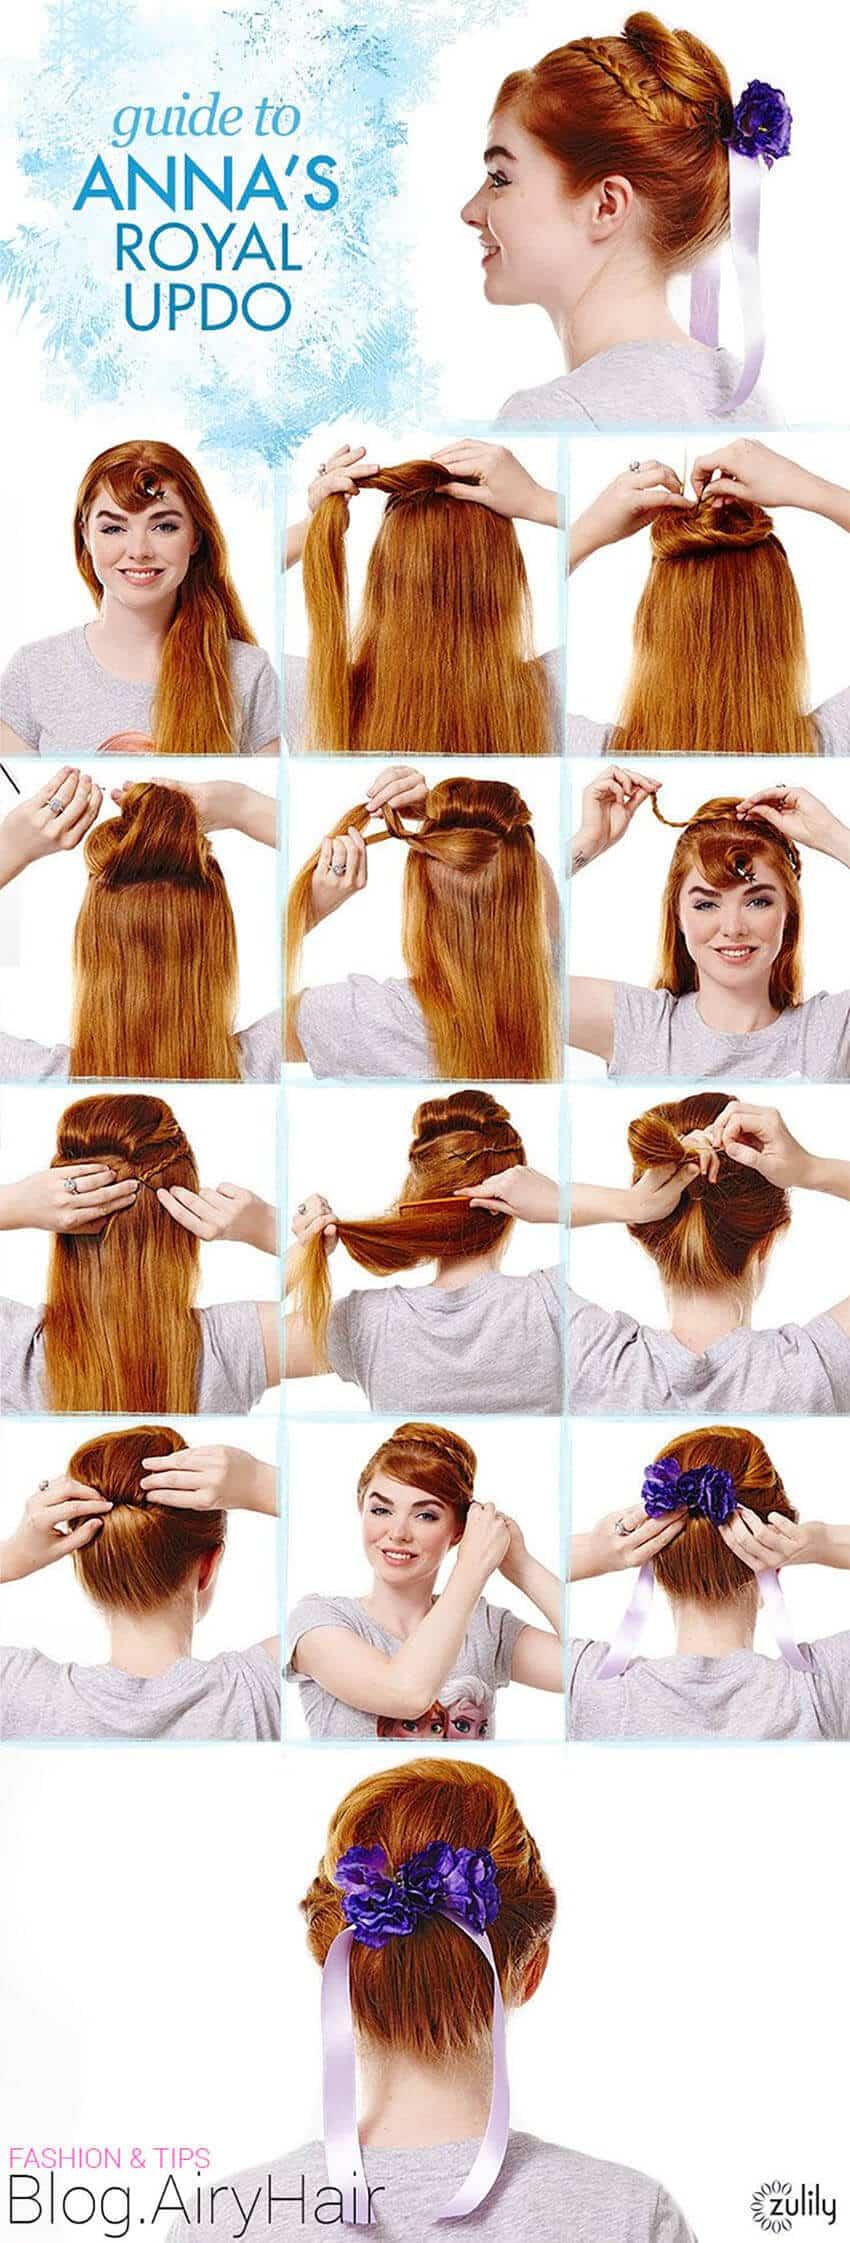 Peinados De Elsa Y Anna De Frozen Para Niñas Mujeres Femeninas